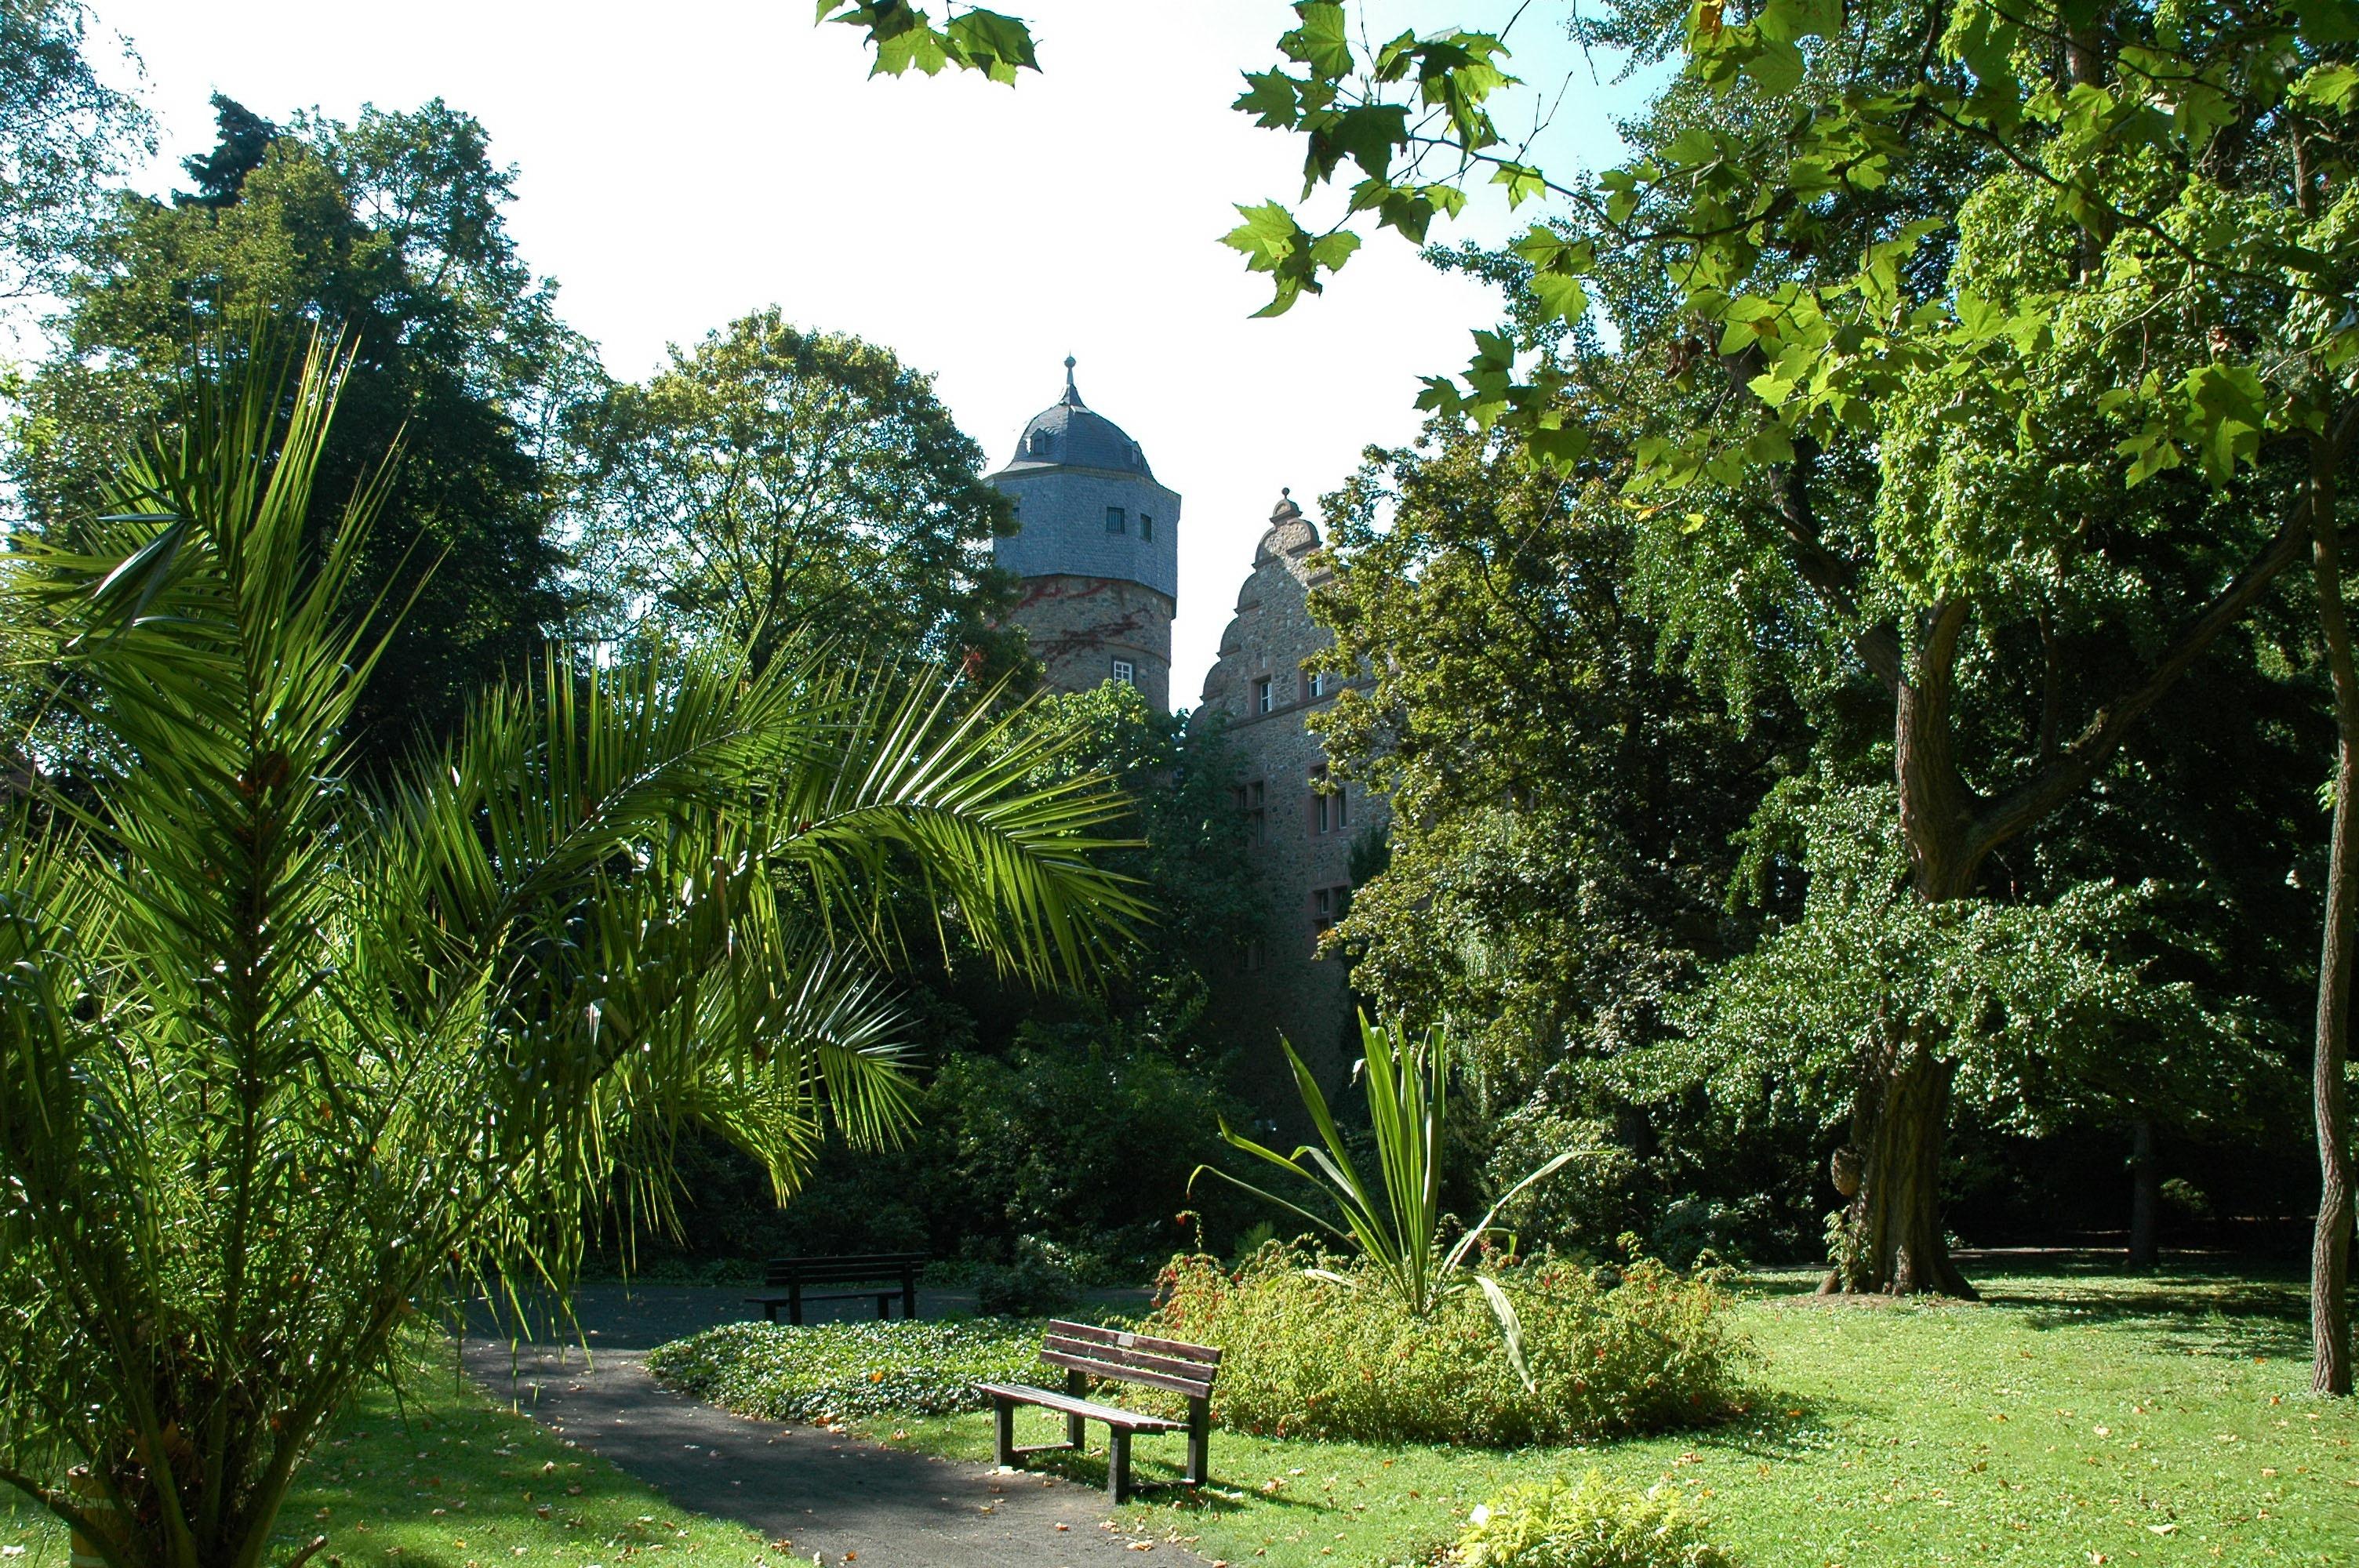 Der Botanische Garten in Gießen - Giessen entdecken | Giessen entdecken